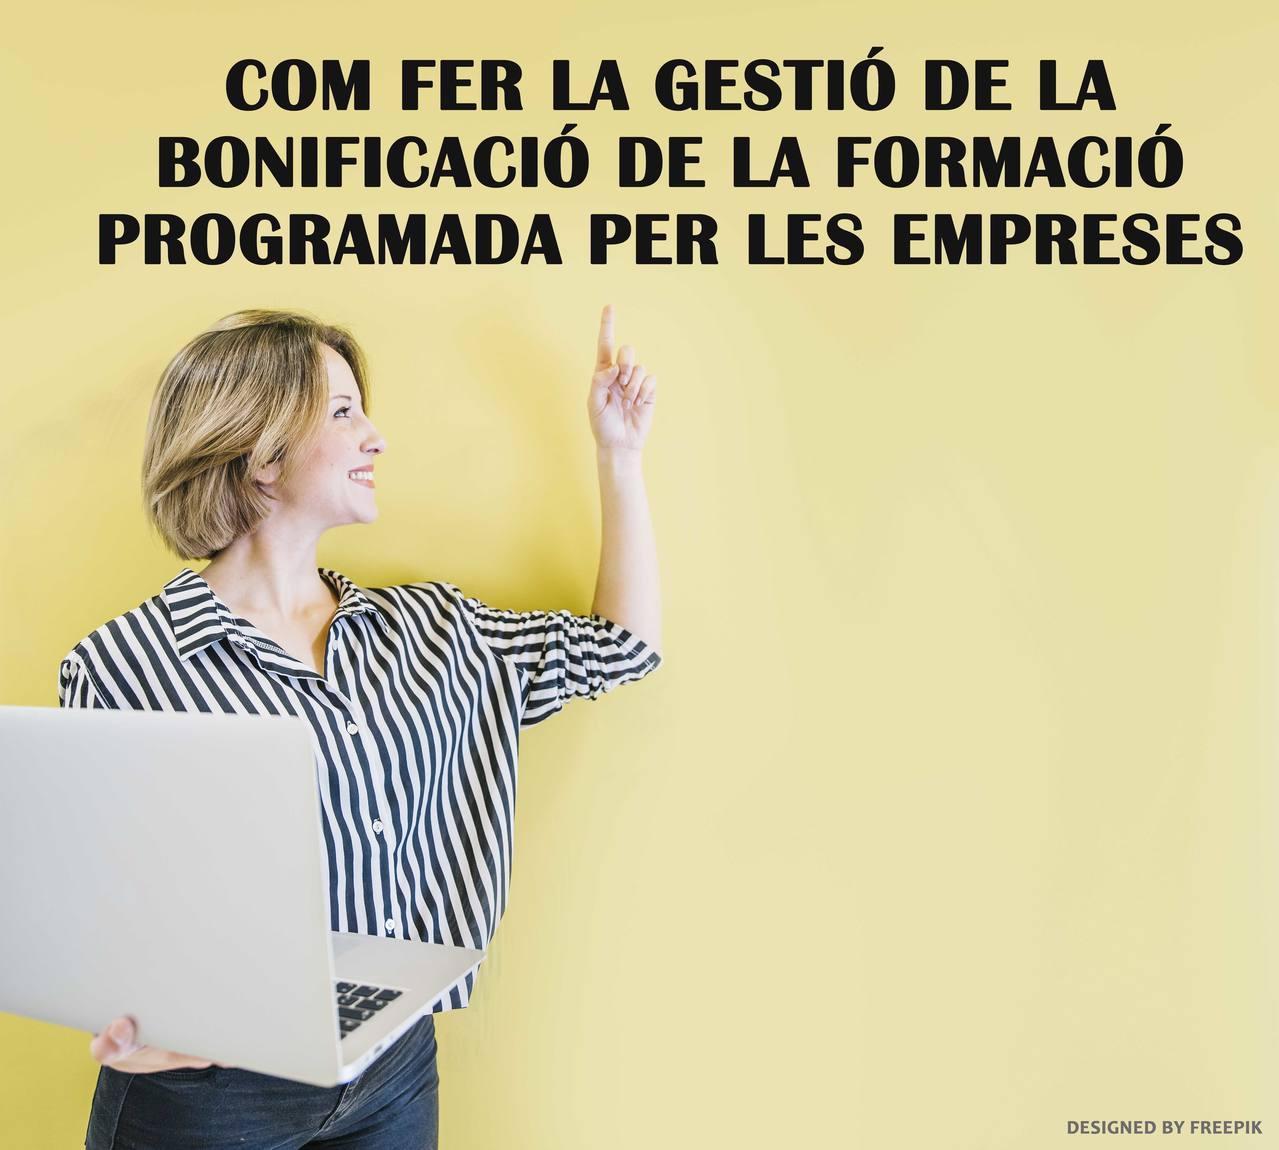 COM FER LA GESTIÓ DE LA BONIFICACIÓ DE LA FORMACIÓ PROGRAMADA PER LES EMPRESES